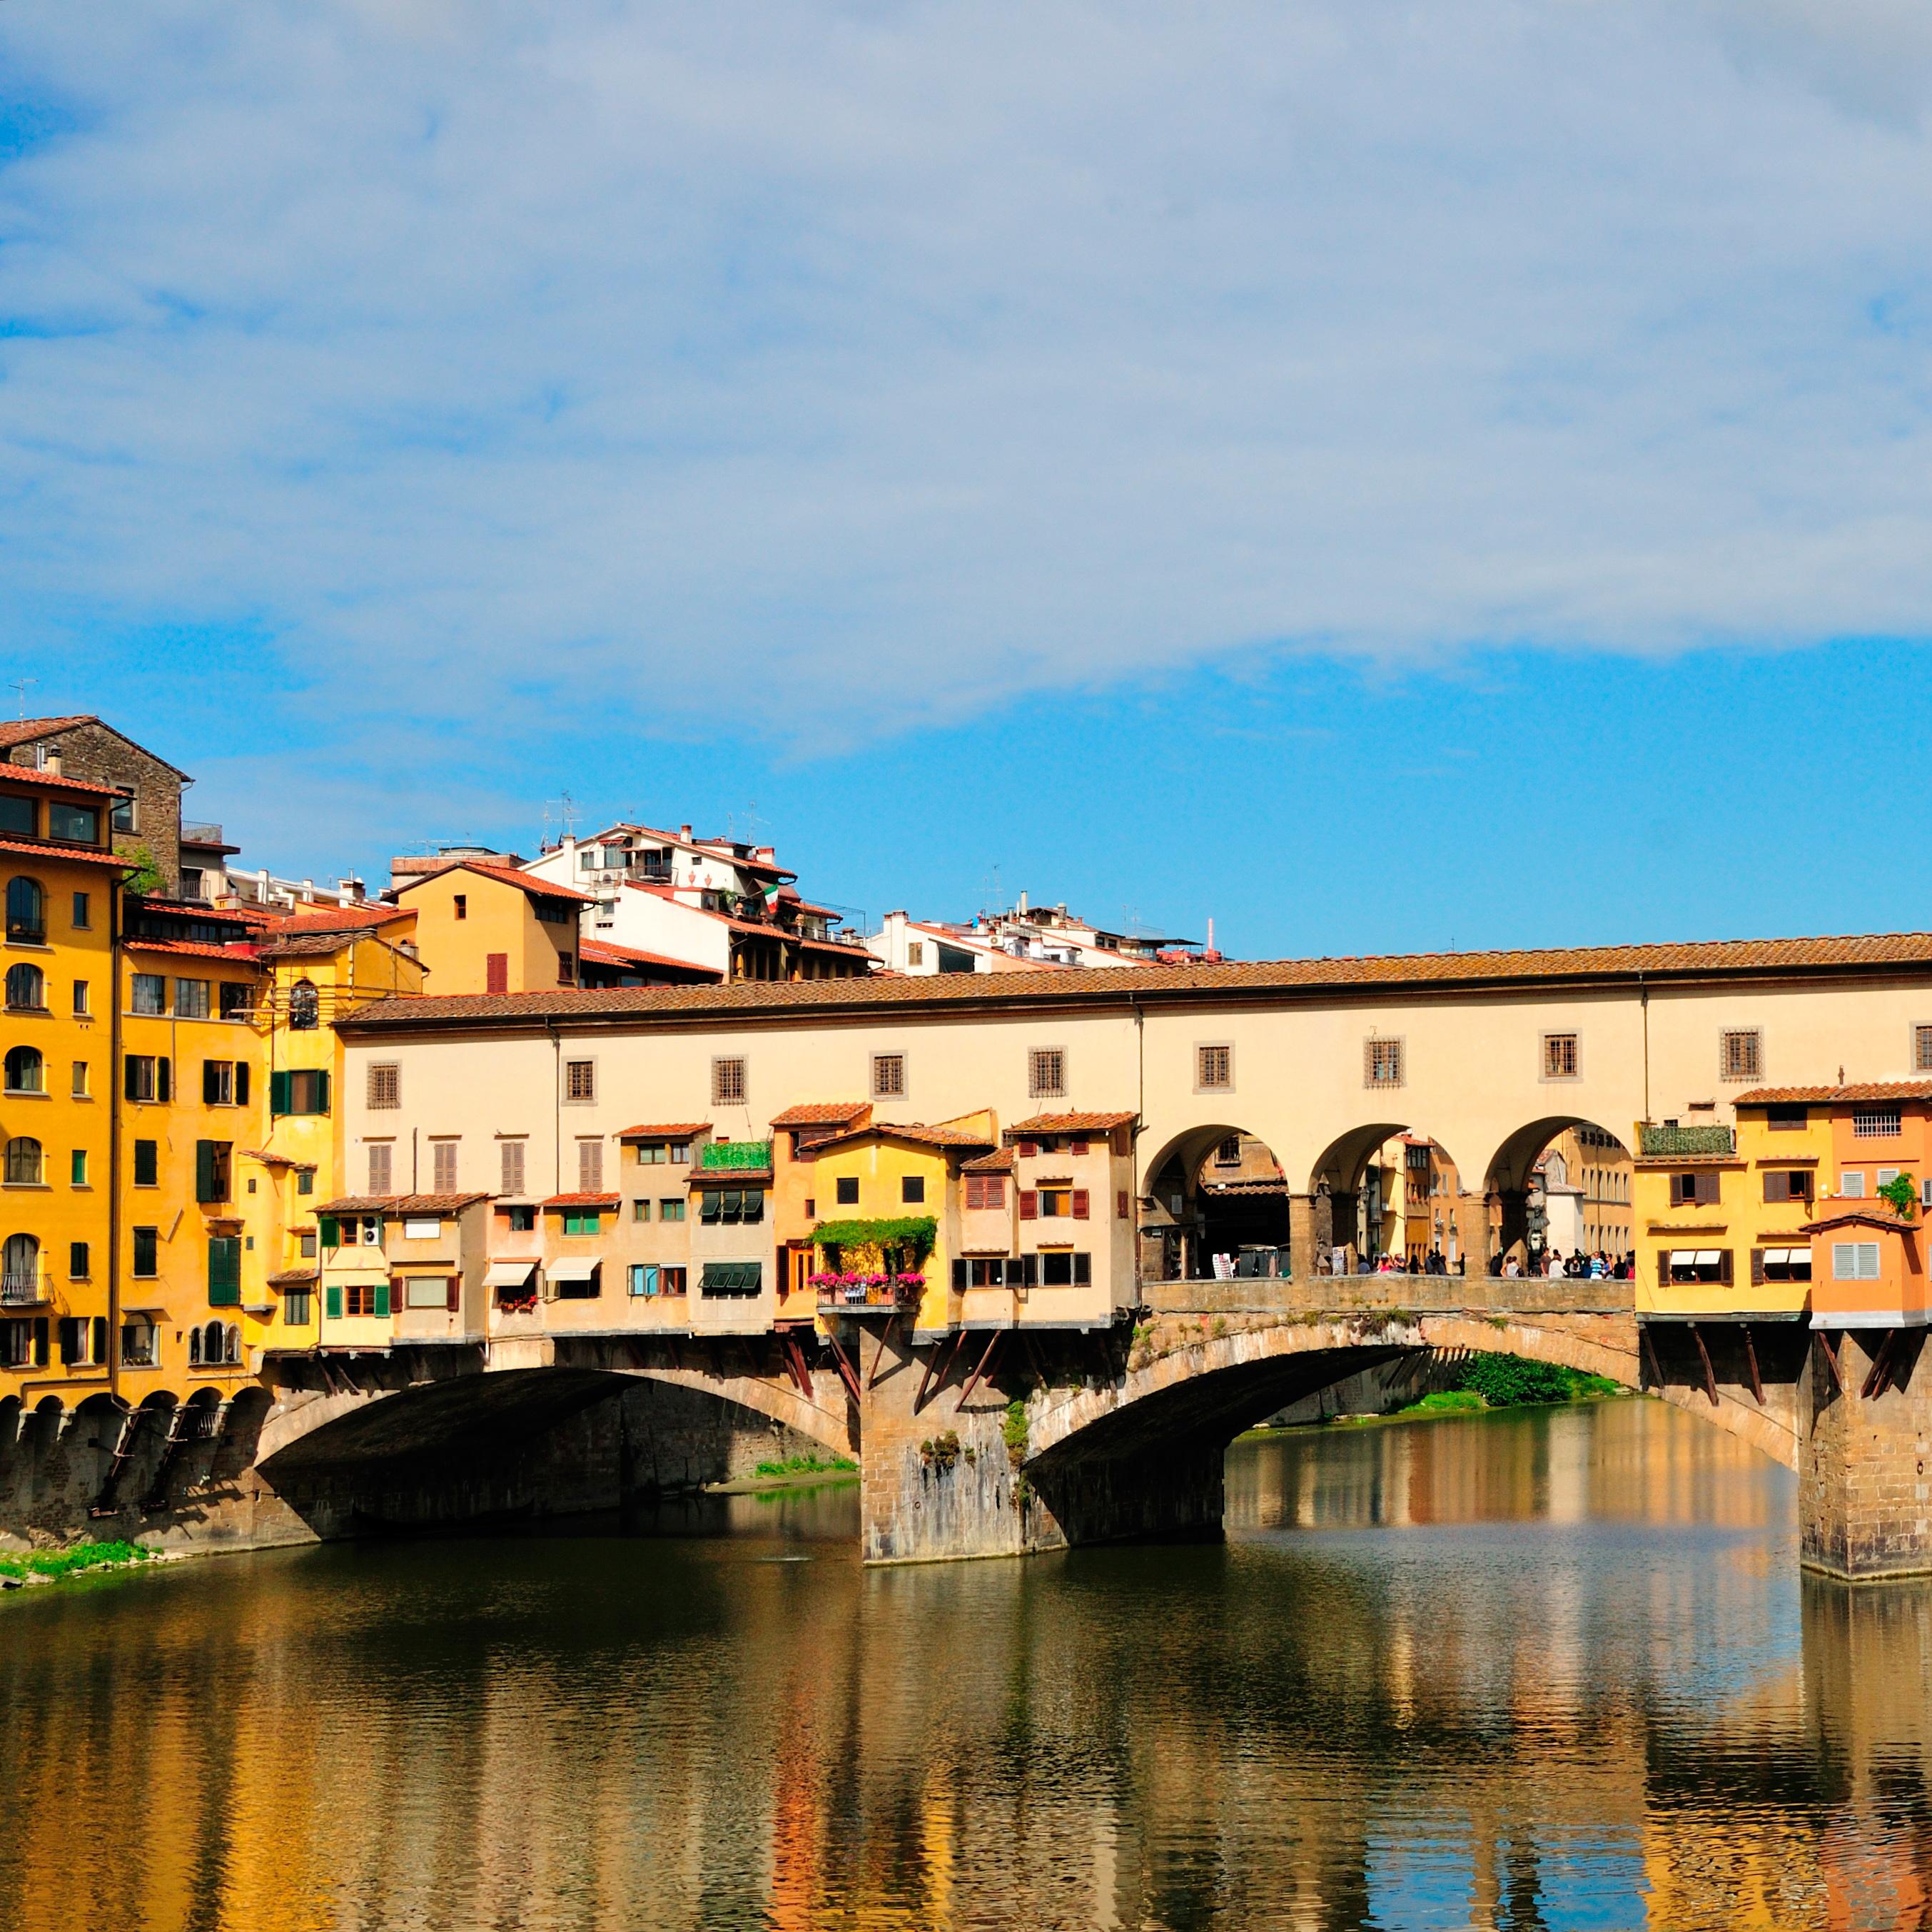 Florencia-Pisa (Livorno)